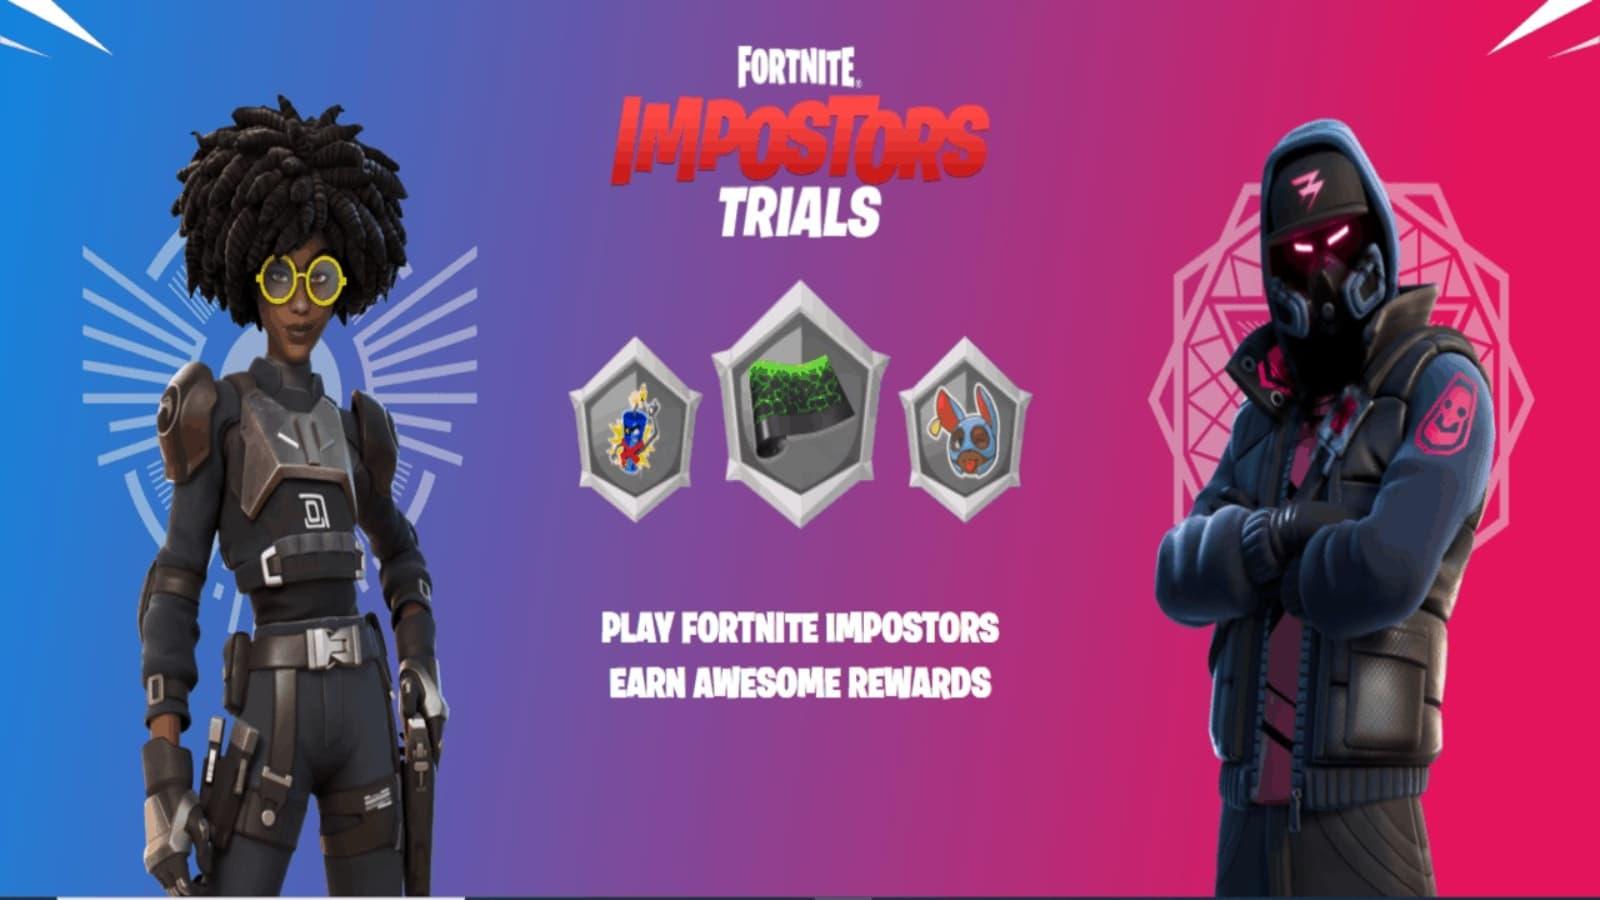 Cómo jugar Fortnite Impostors y ganar recompensas gratis